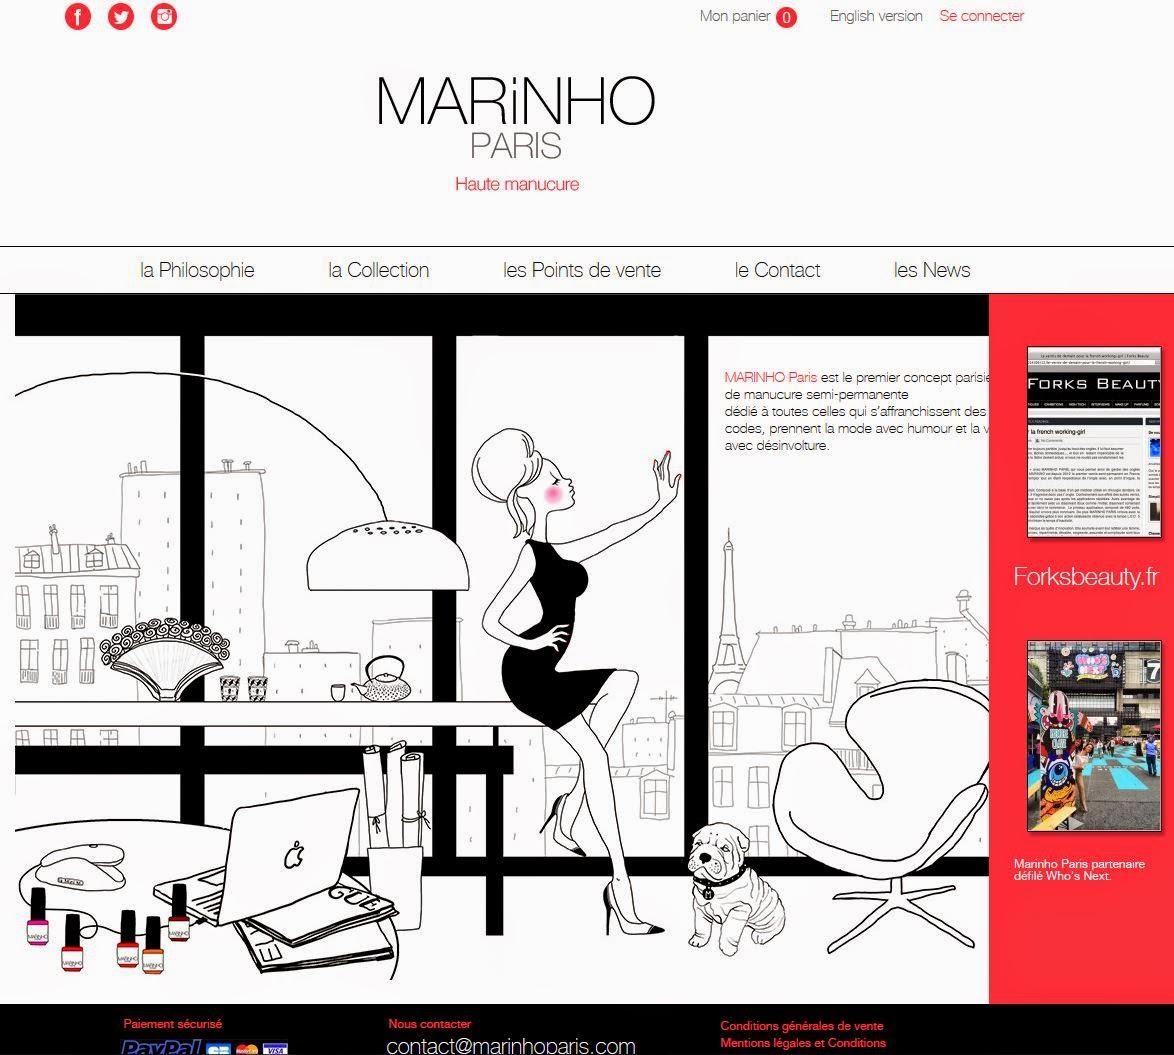 http://www.marinhoparis.com/